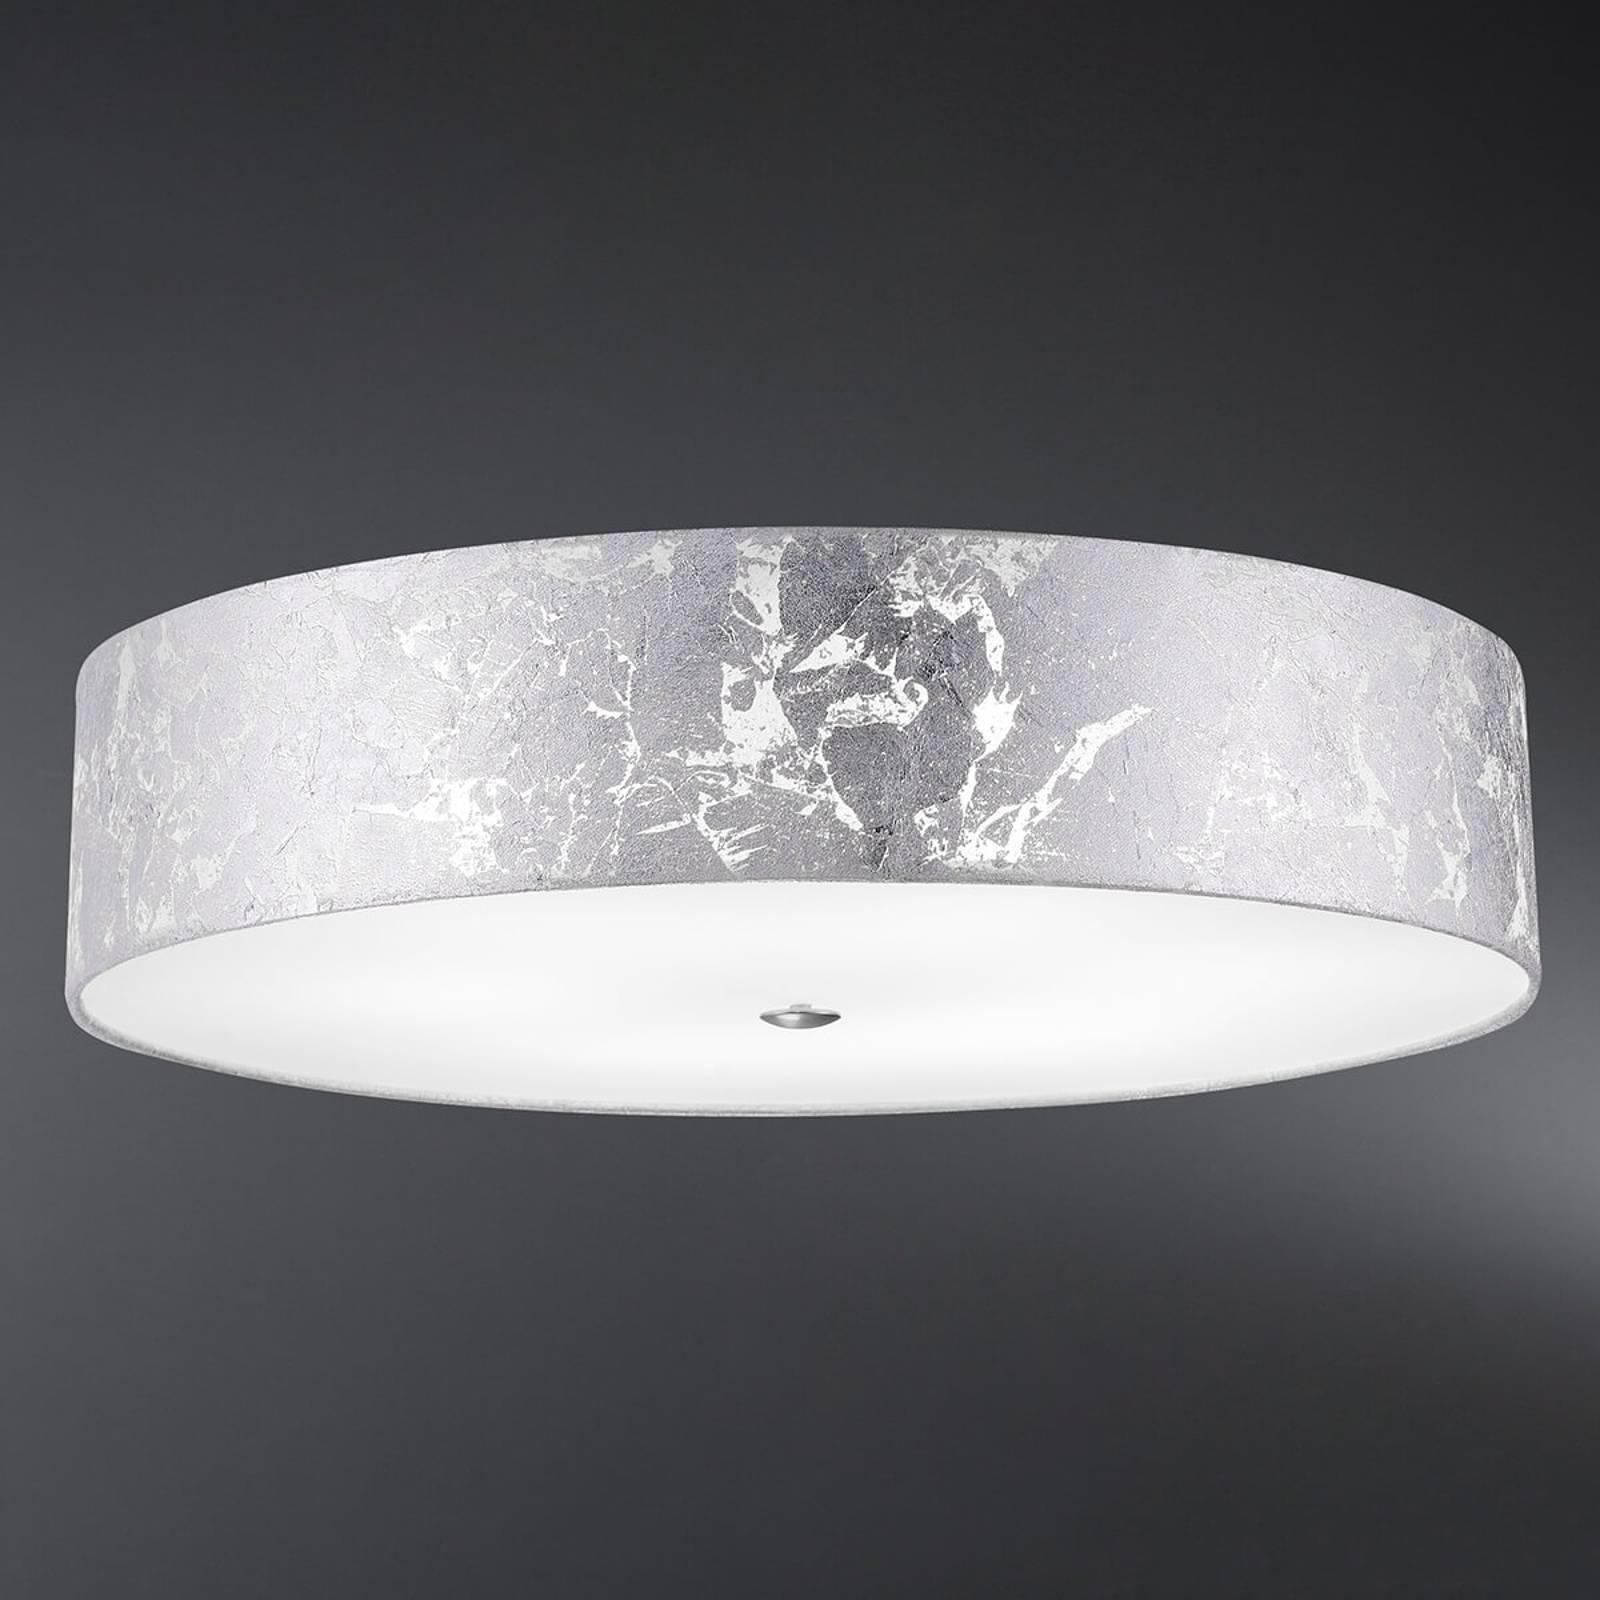 Loop - lampa sufitowa klosz z płatkowego srebra